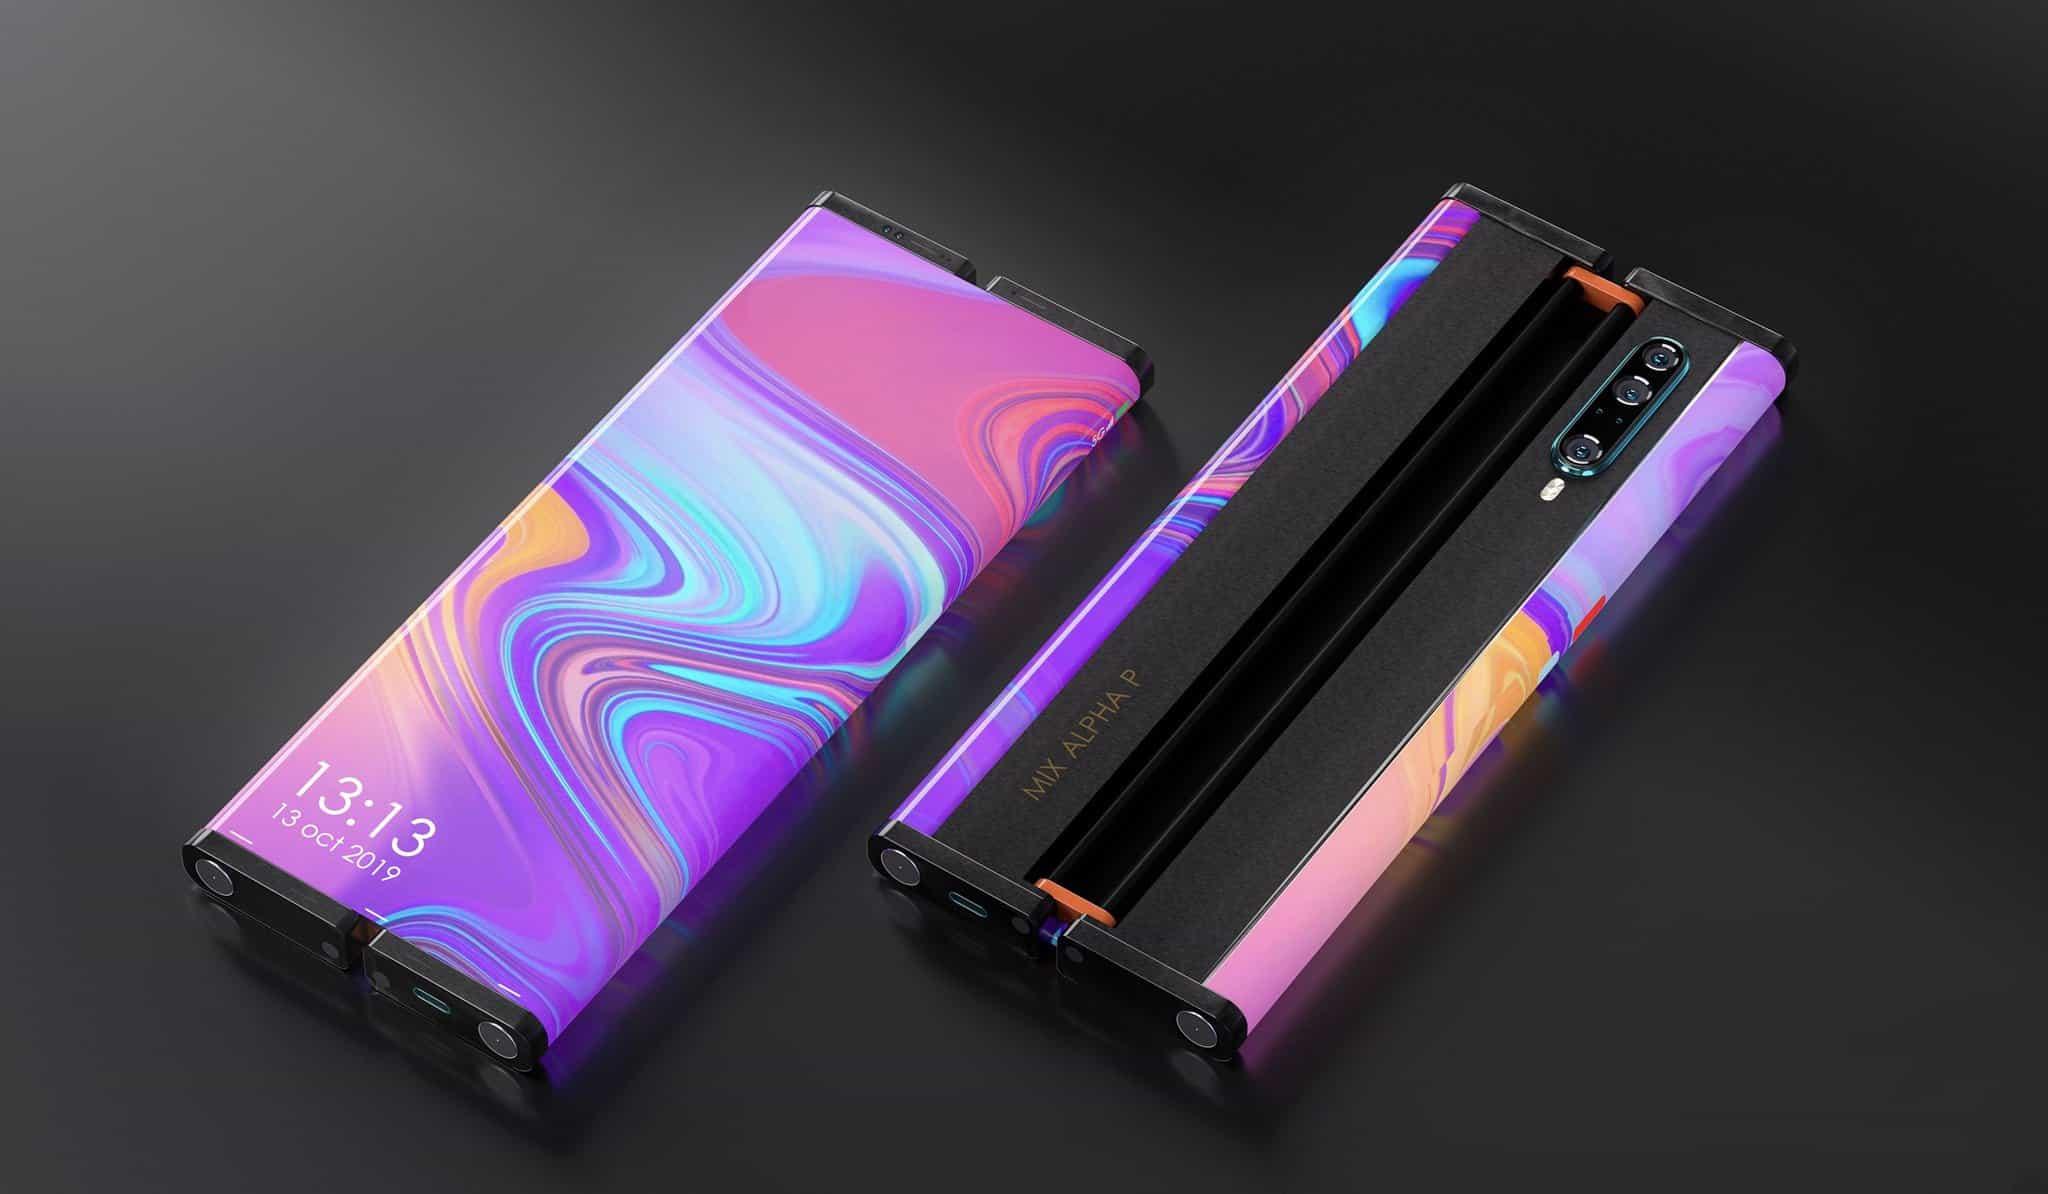 Xiaomi Mi MIX concept